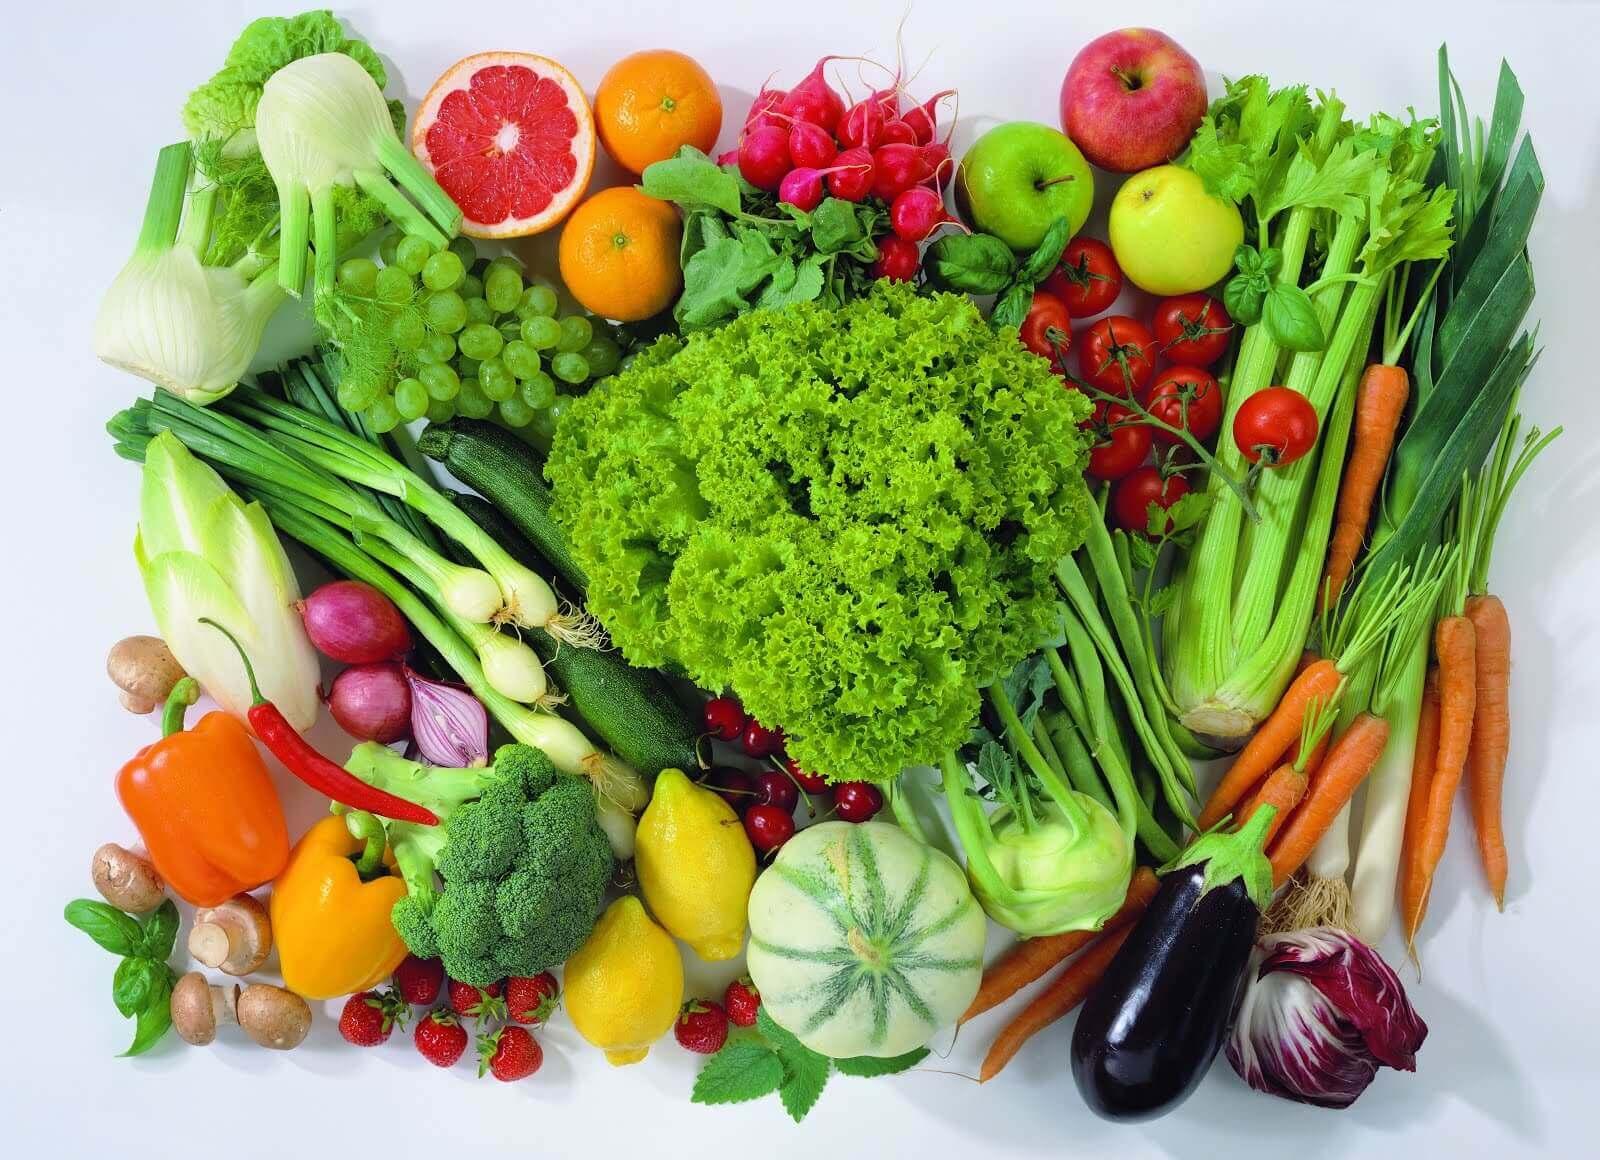 Świeże warzywa i owoce